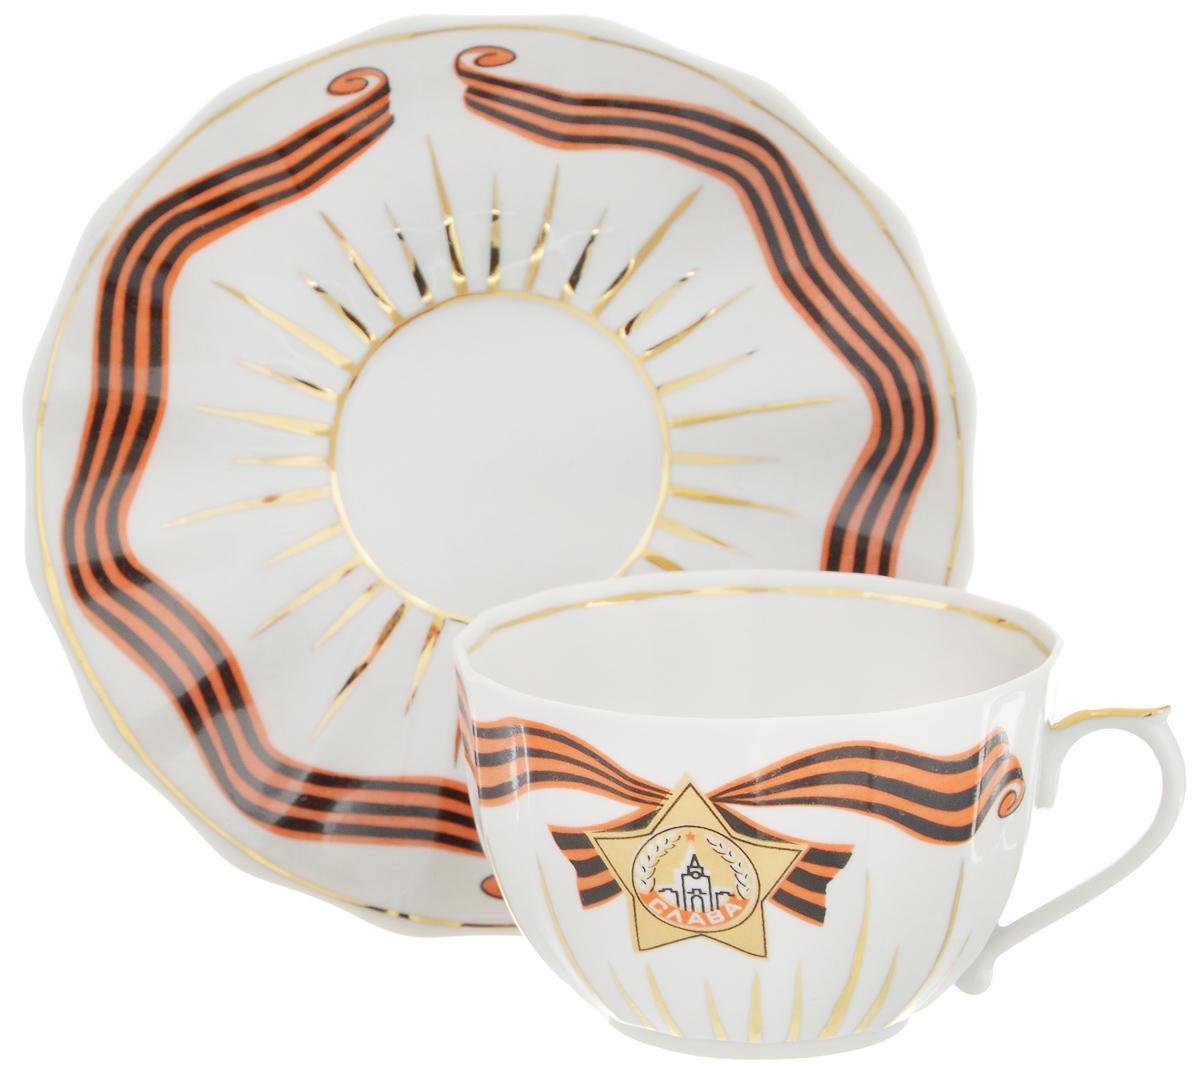 Чайная пара Фарфор Вербилок Слава, 2 предмета3918400ПЧайная пара Фарфор Вербилок Слава состоит из чашки и блюдца, изготовленных из высококачественного фарфора. Оригинальный дизайн, несомненно, придется вам по вкусу. Чайная пара Фарфор Вербилок Слава украсит ваш кухонный стол, а также станет замечательным подарком к любому празднику. Диаметр чашки (по верхнему краю): 8,7 см. Высота чашки: 5,7 см. Диаметр блюдца: 14,5 см. Высота блюдца: 2,5 см.